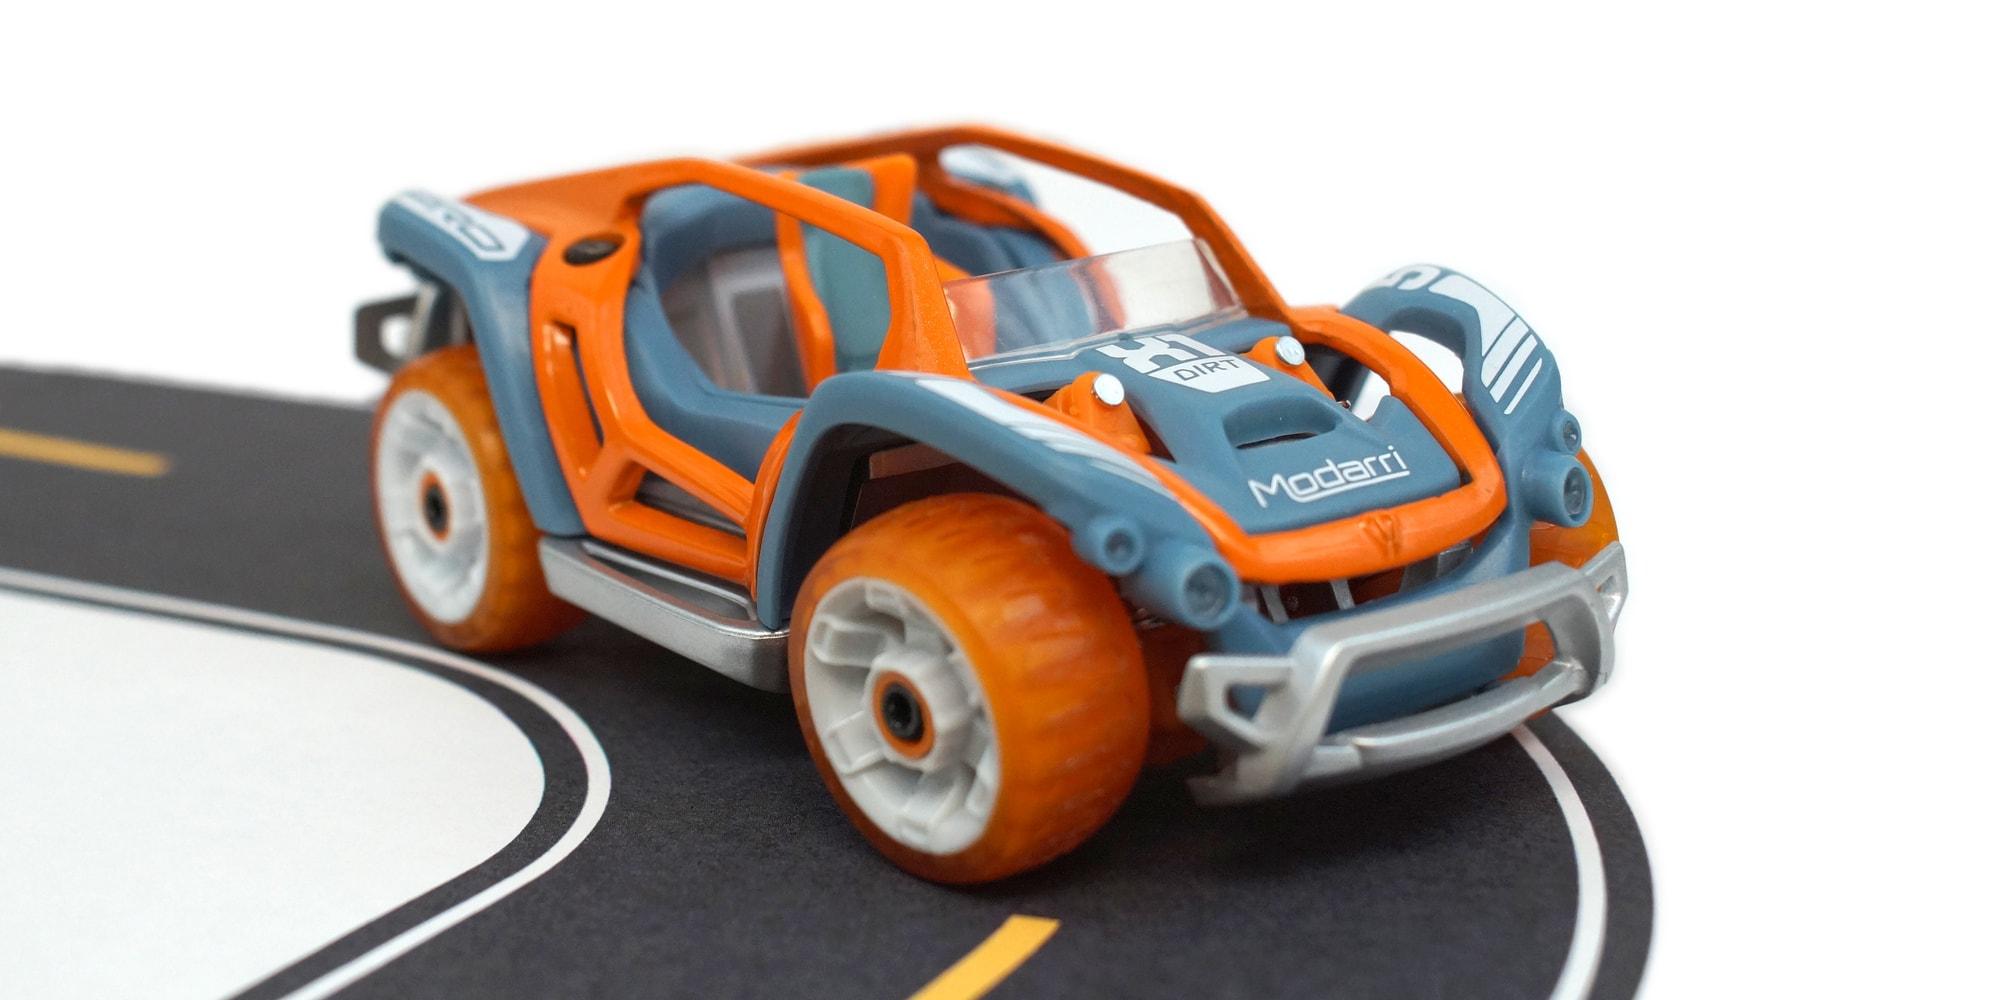 Modarri toy car in orange